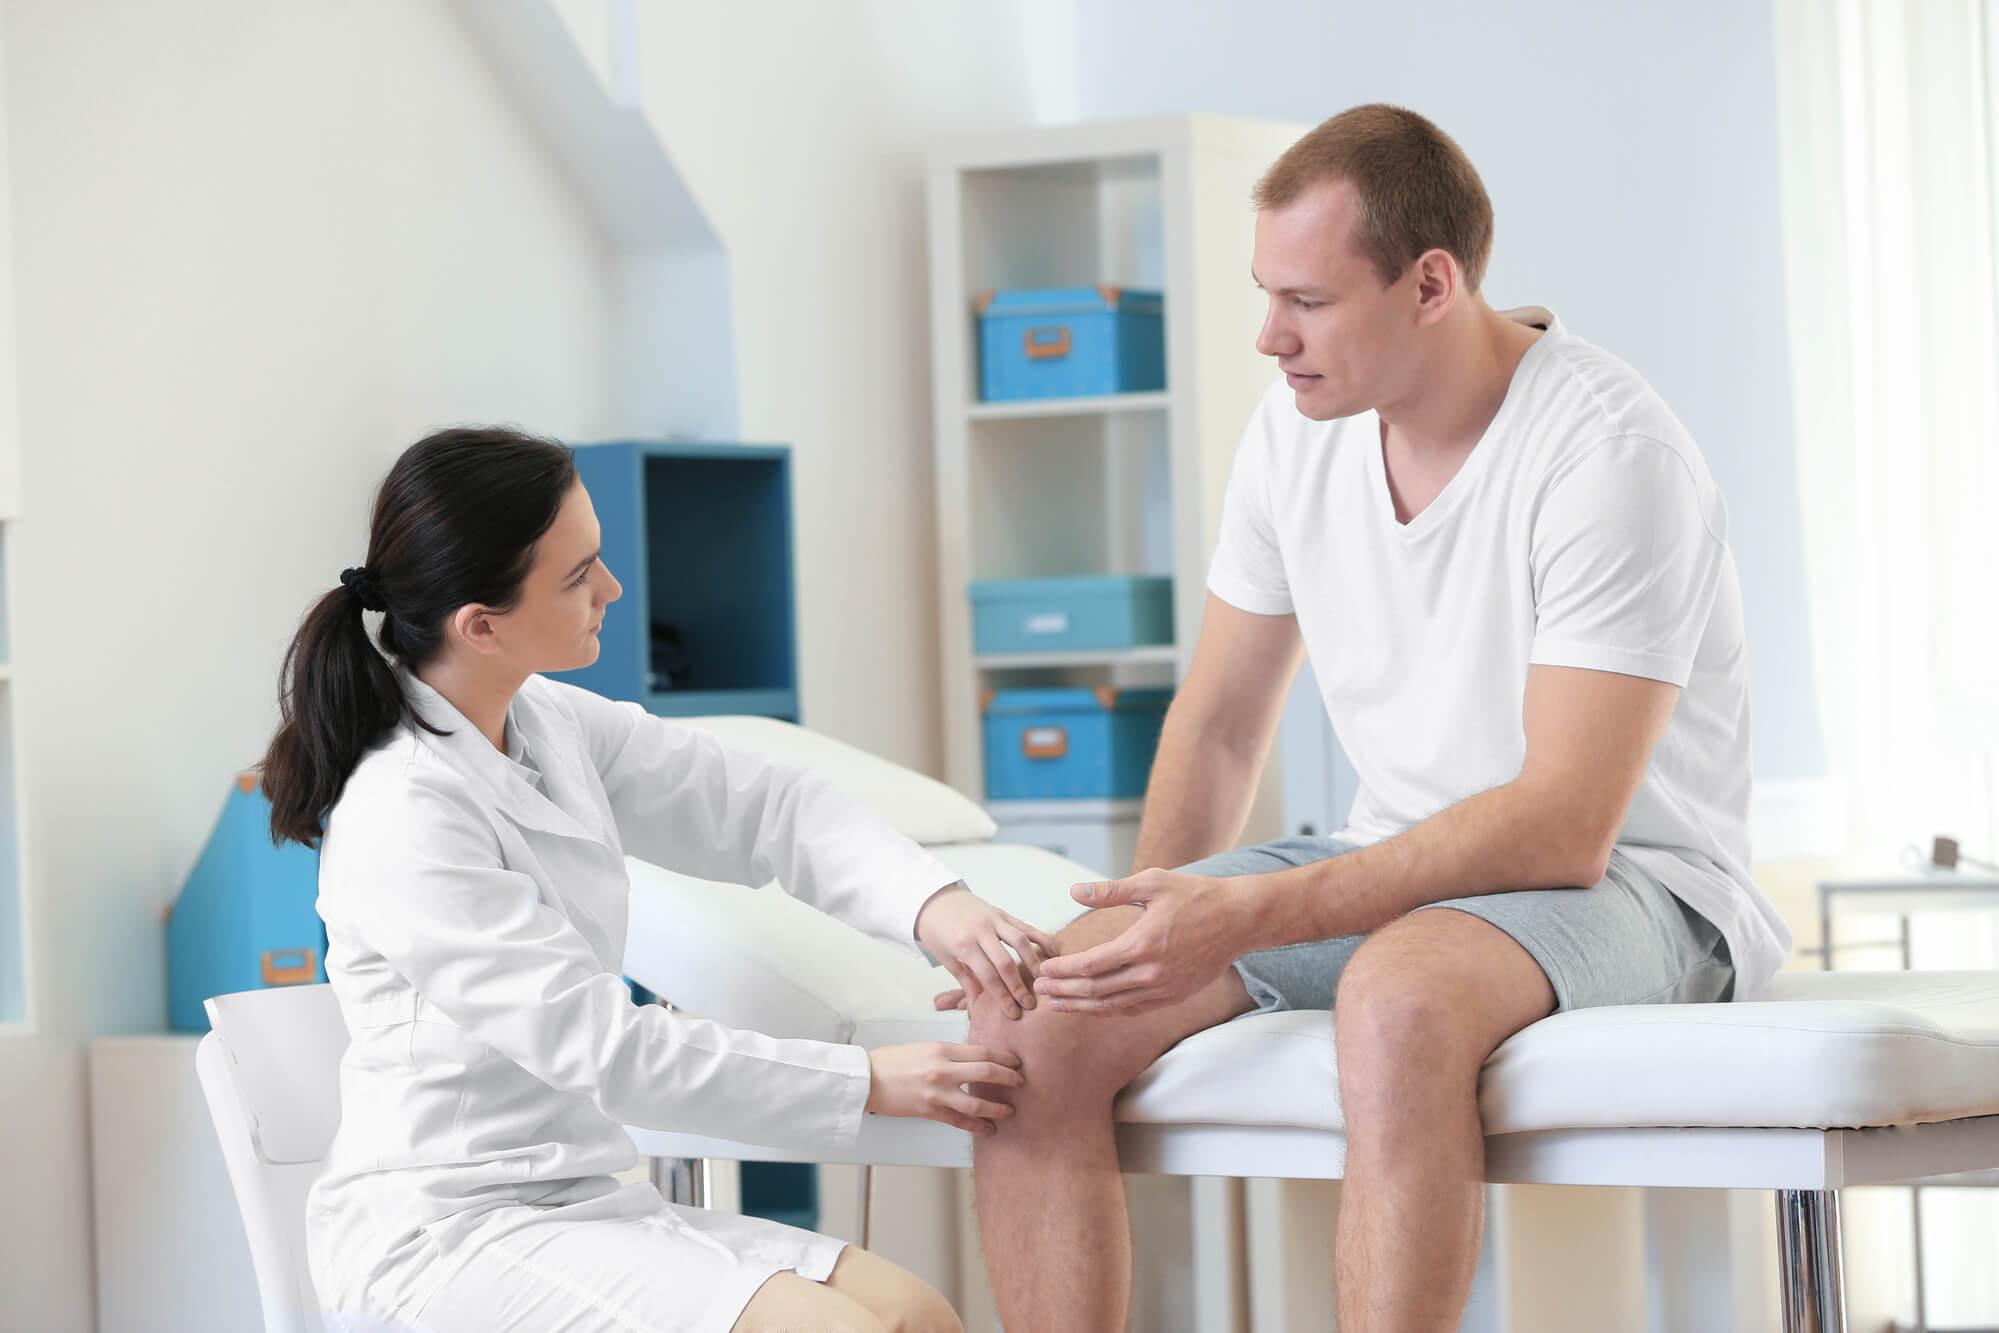 Cuidados com o joelho pós cirurgia ortopédica - Hospital Nossa Senhora da Graça